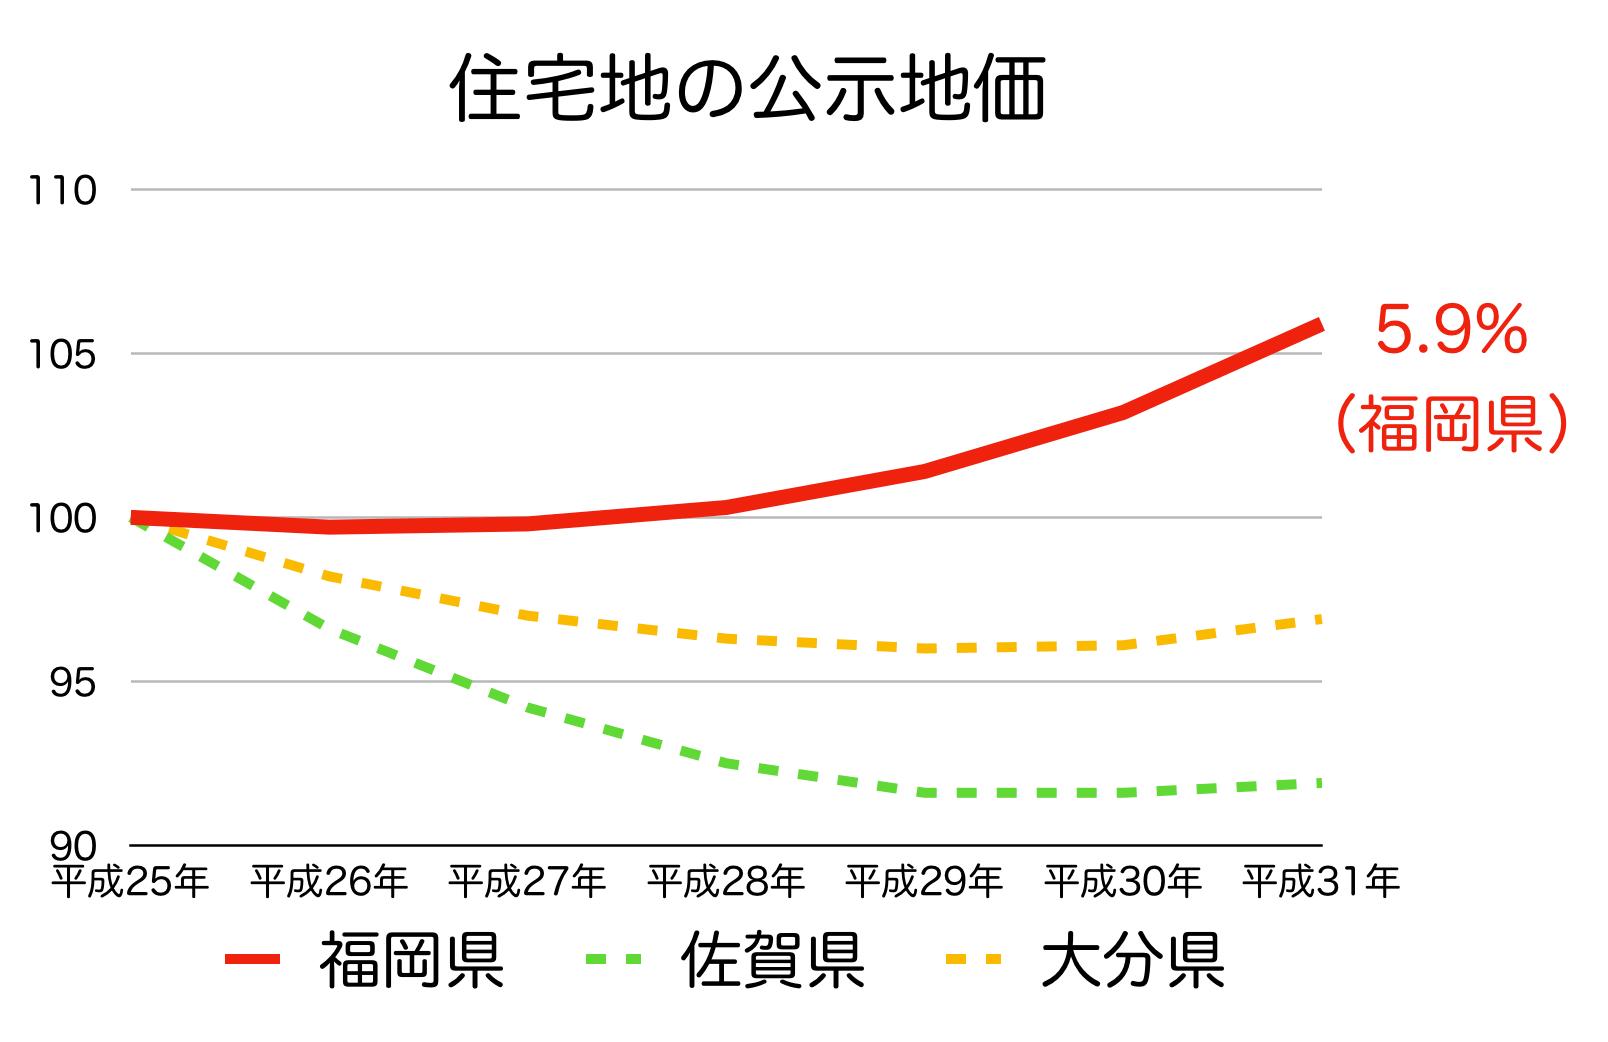 福岡県の公示地価 H25-H31